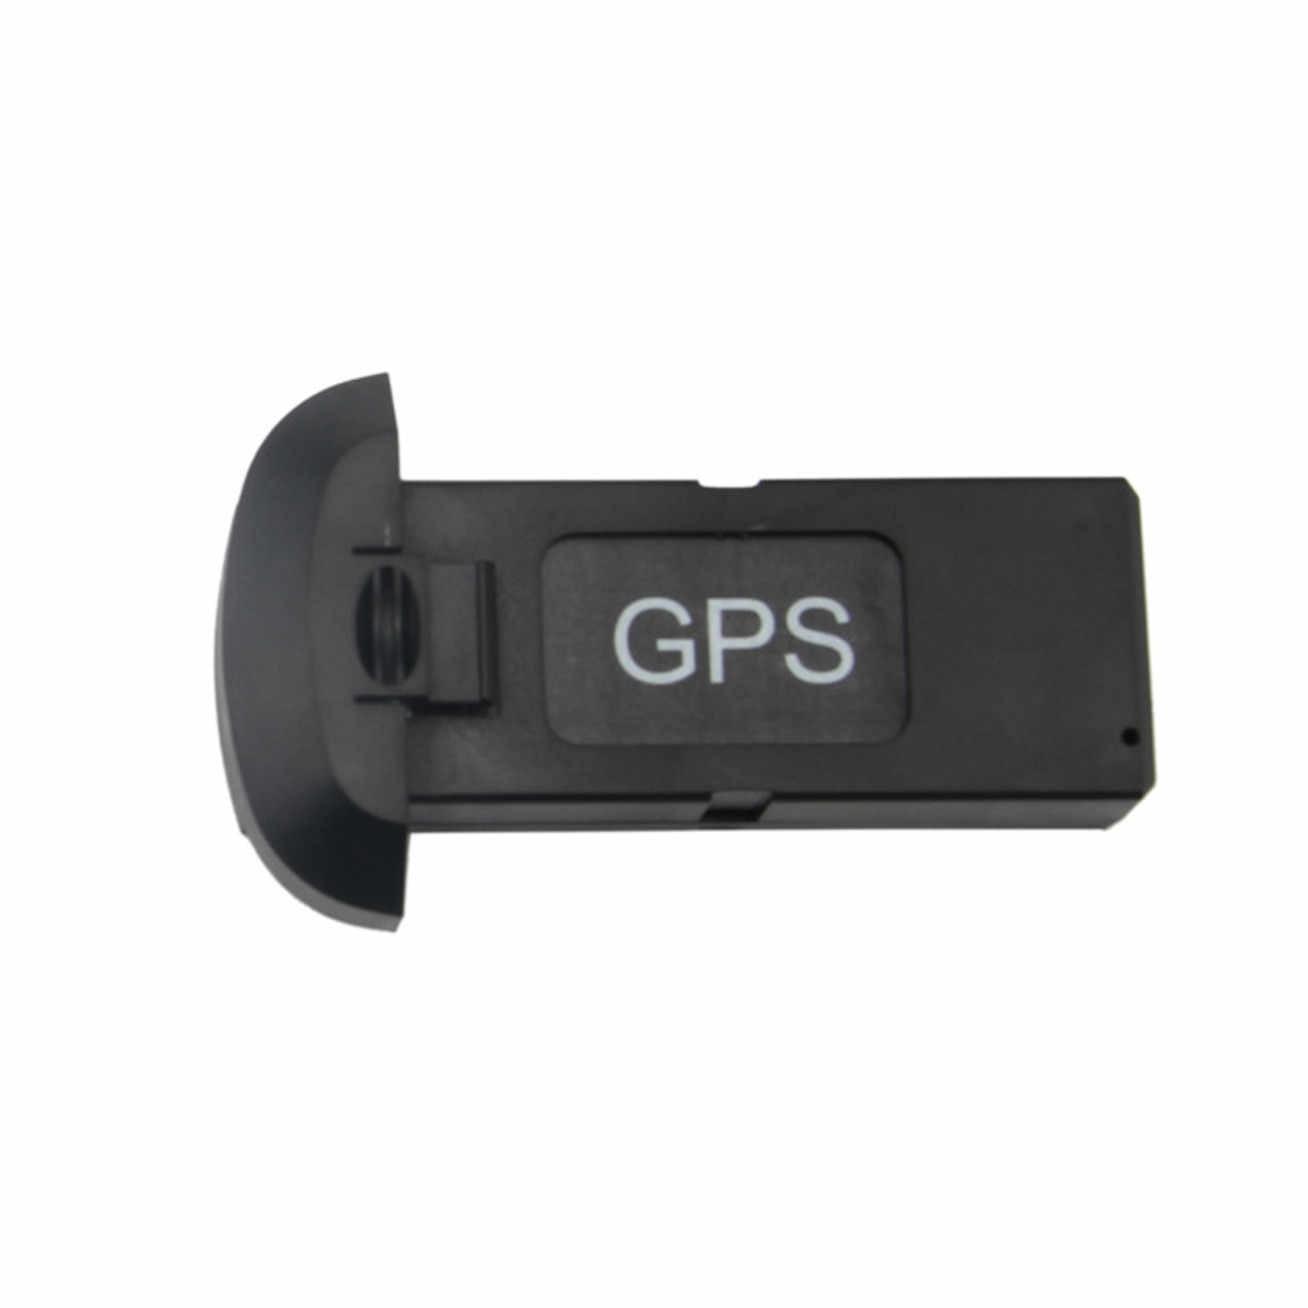 2 uds 7,4 V 850mAh Lipo batería de alta capacidad para SHRC H1 GPS RC Drone Lipo batería de alta calidad RC partes accesorios de Drone